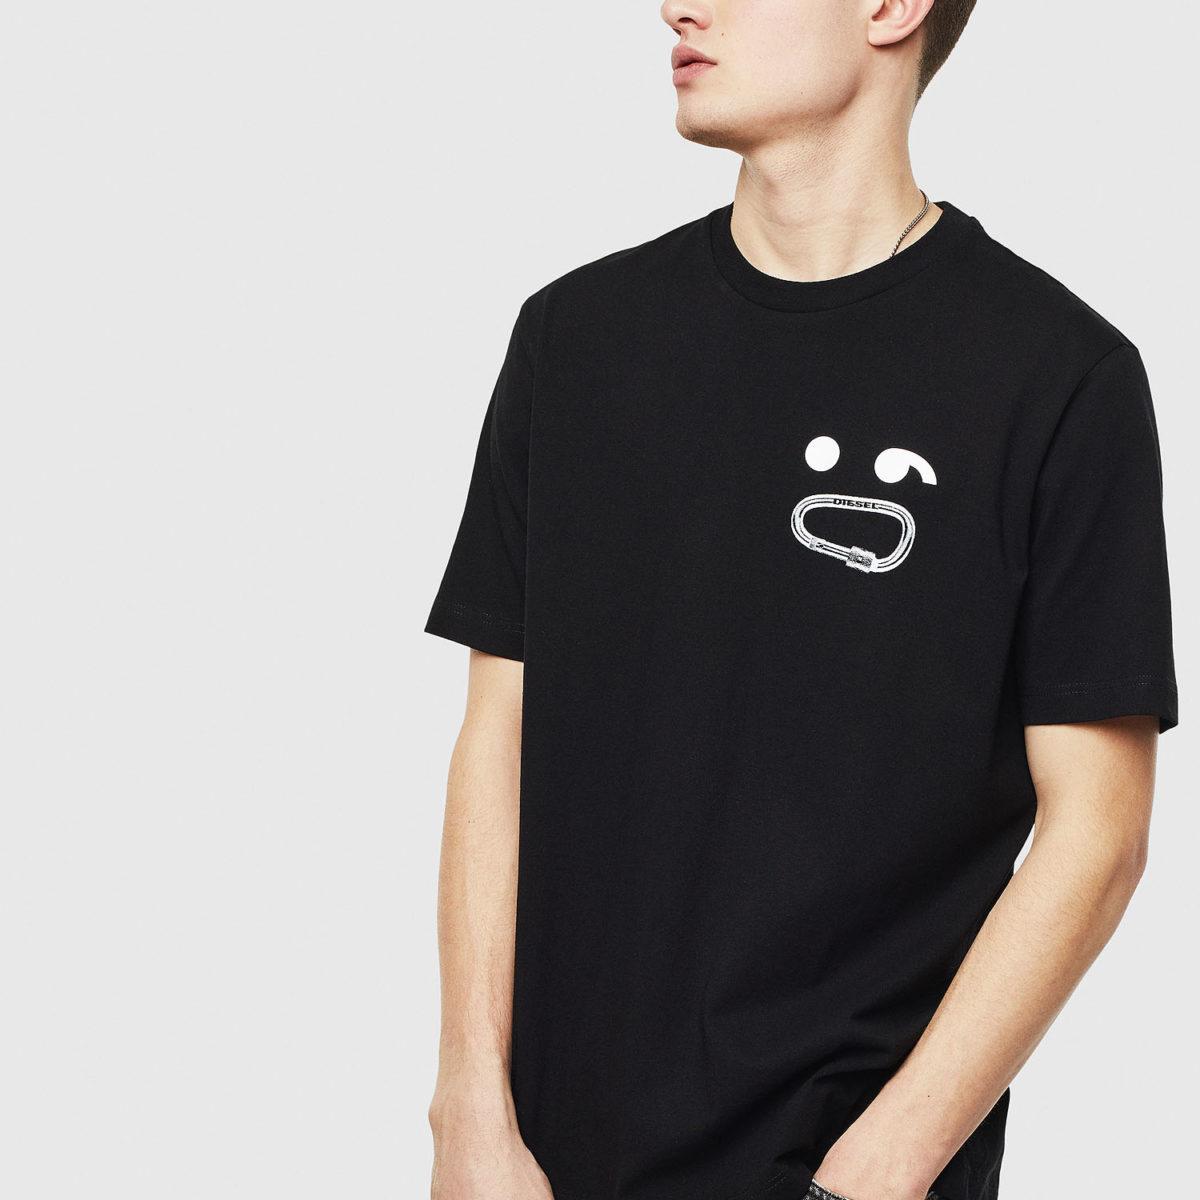 嵐 大野智 私服 Voyage Netflix DIESEL JUST Tシャツ